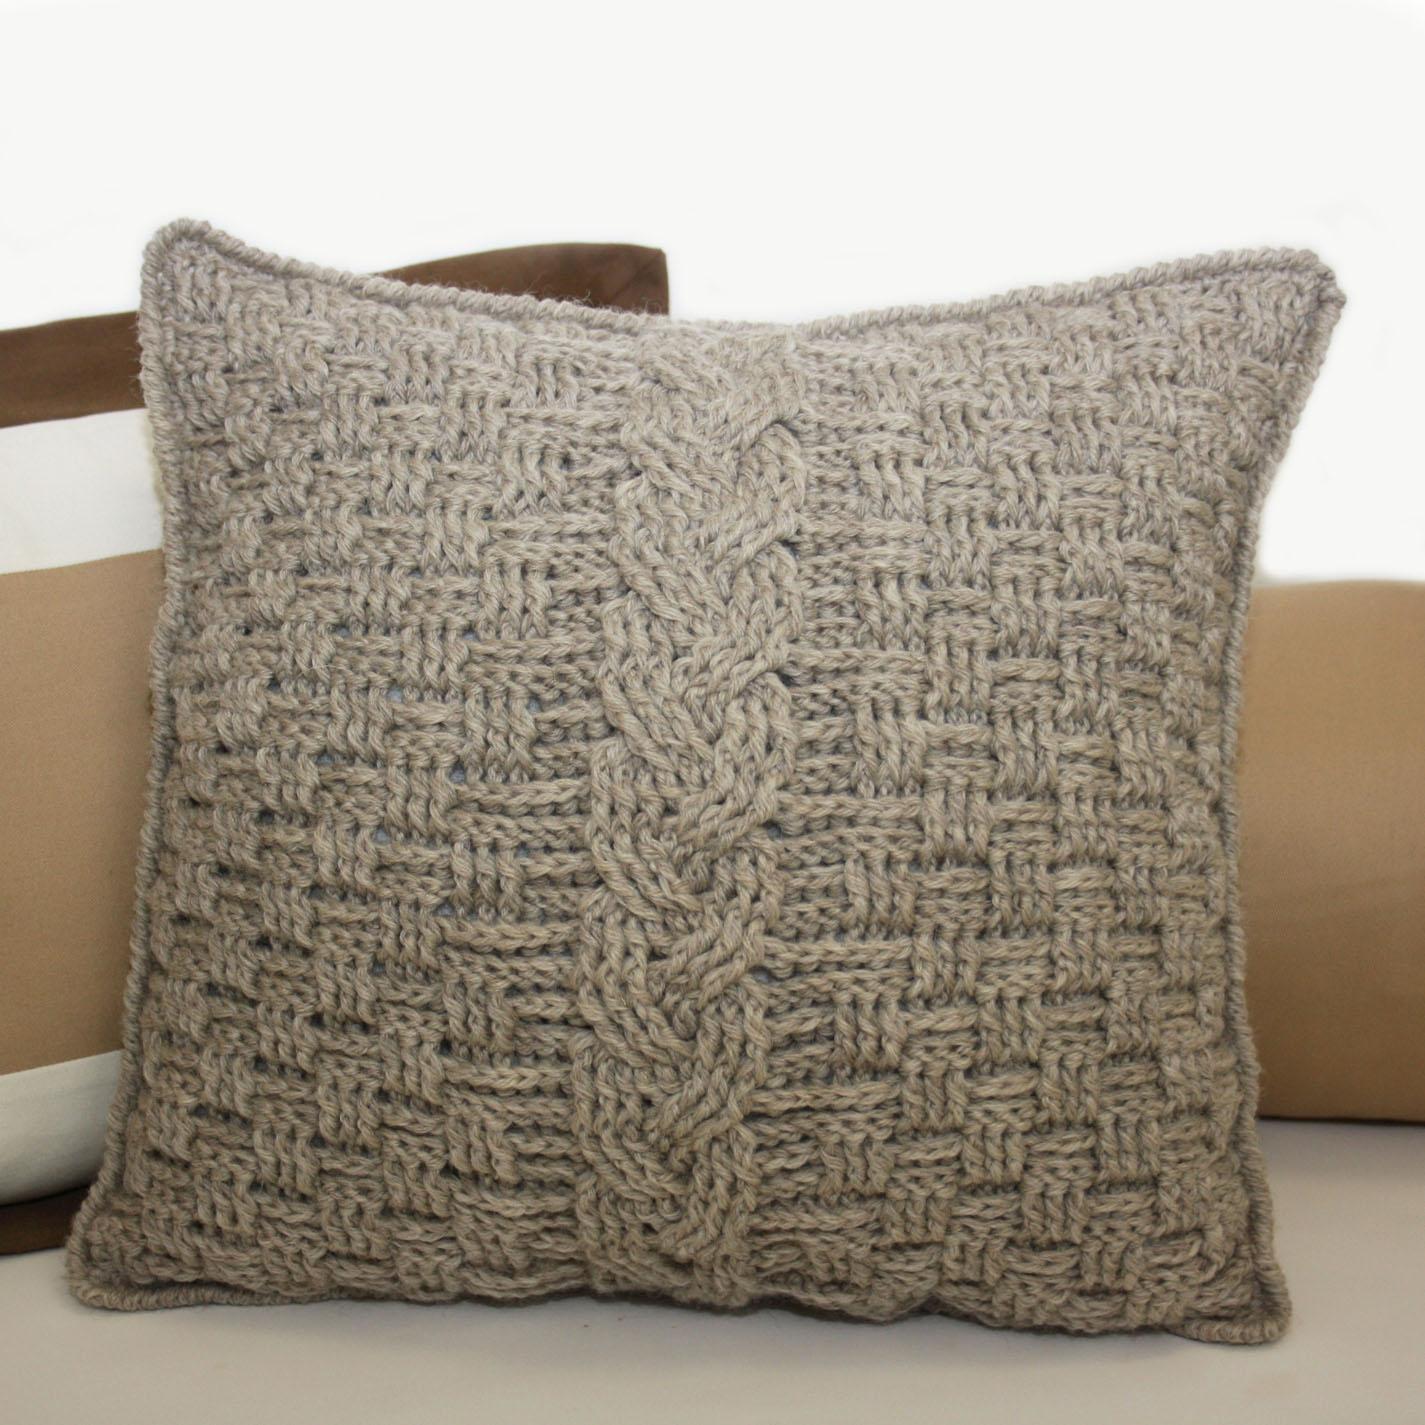 Free Crocheted Heart Pillow Pattern Crochet Tutorials